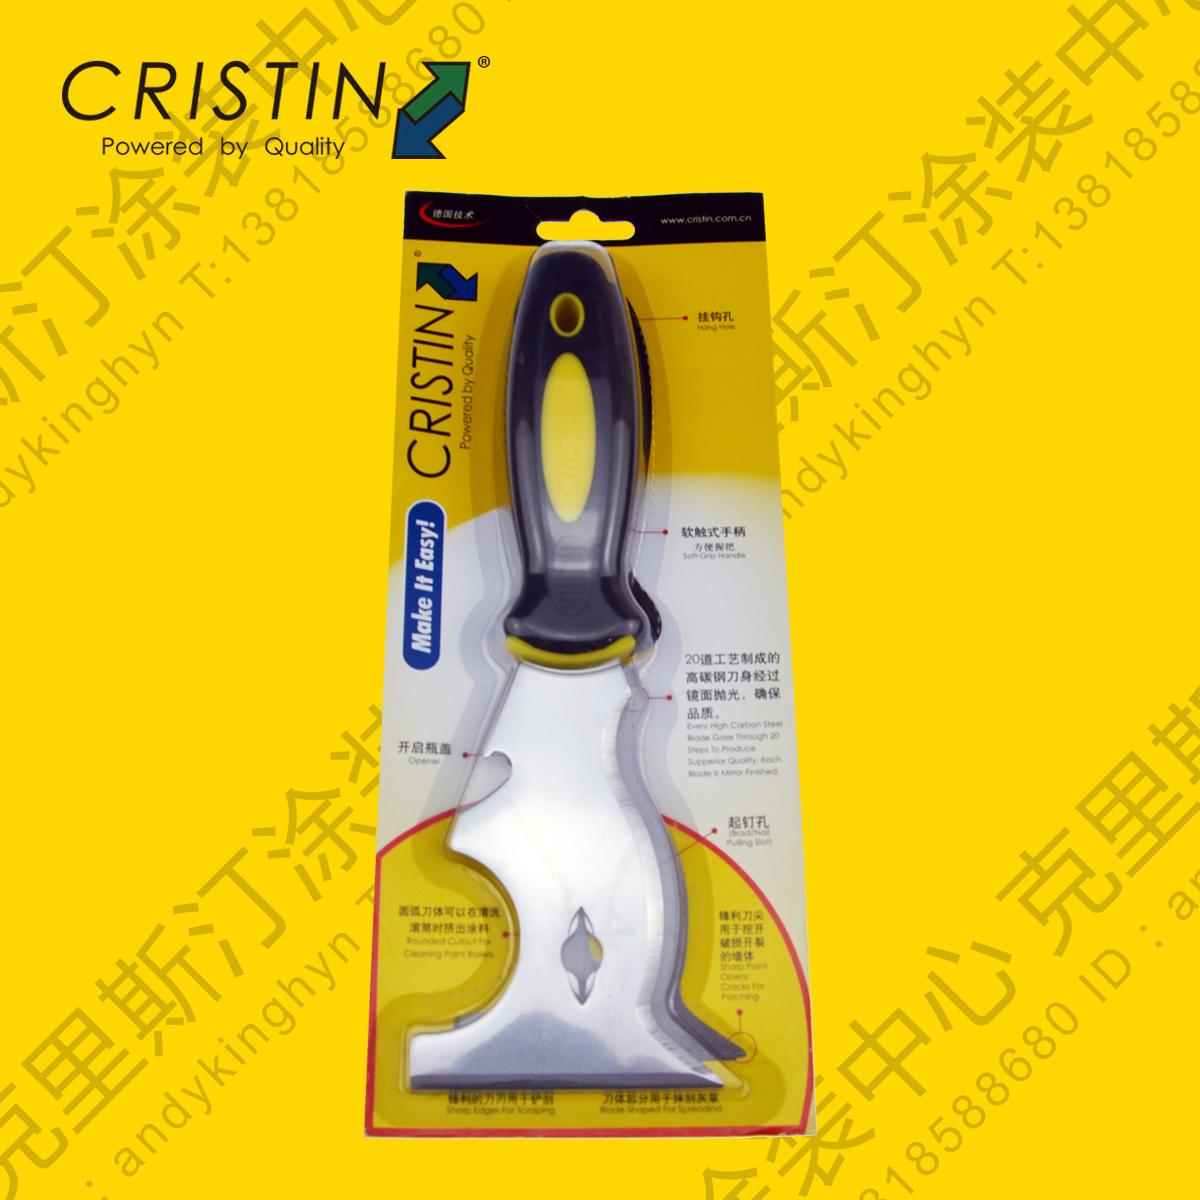 Германия Kristin многофункциональный нож для шпаклевки из нержавеющей стали / пакетный нож / шпатель / лезвие / шпатлевка белый